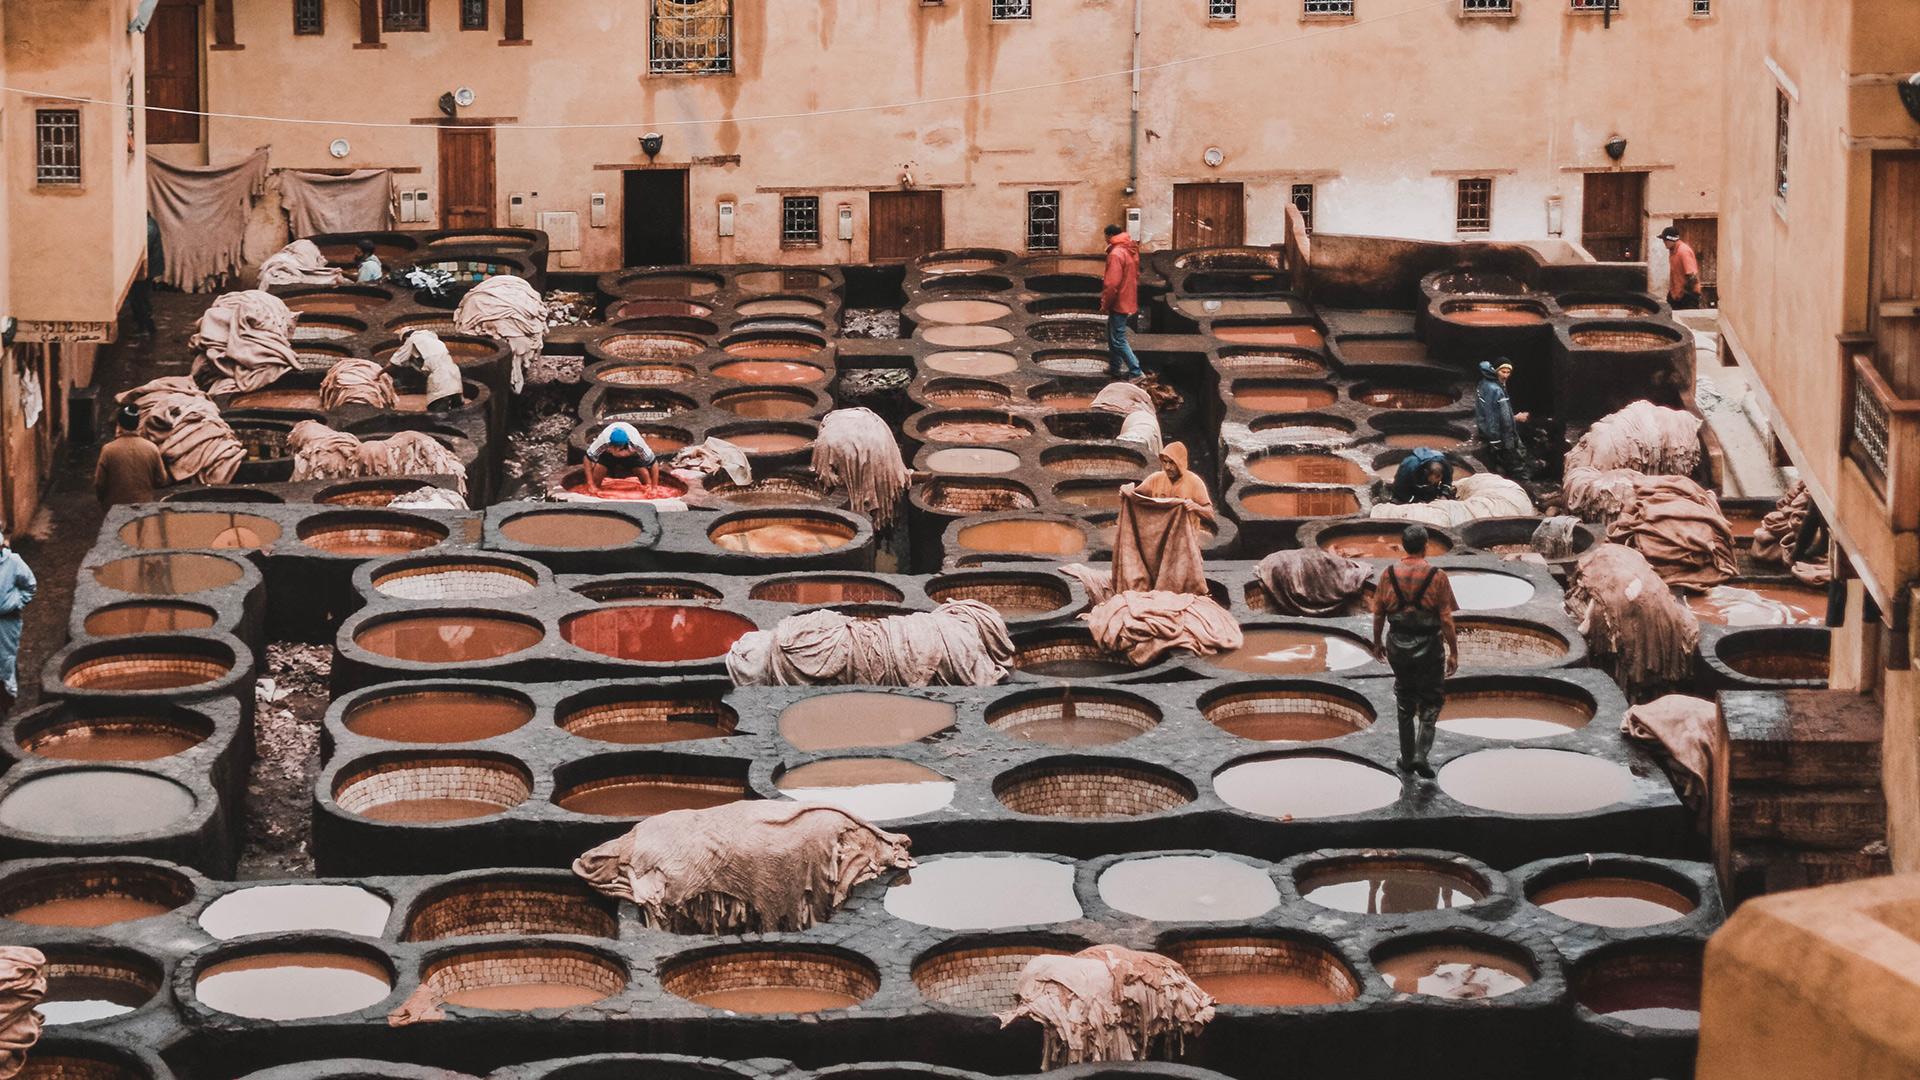 Τι να αγοράσω από το Μαρόκο; 5+1 πράγματα που πρέπει να έχεις στην βαλίτσα σου όταν επιστρέψεις 2